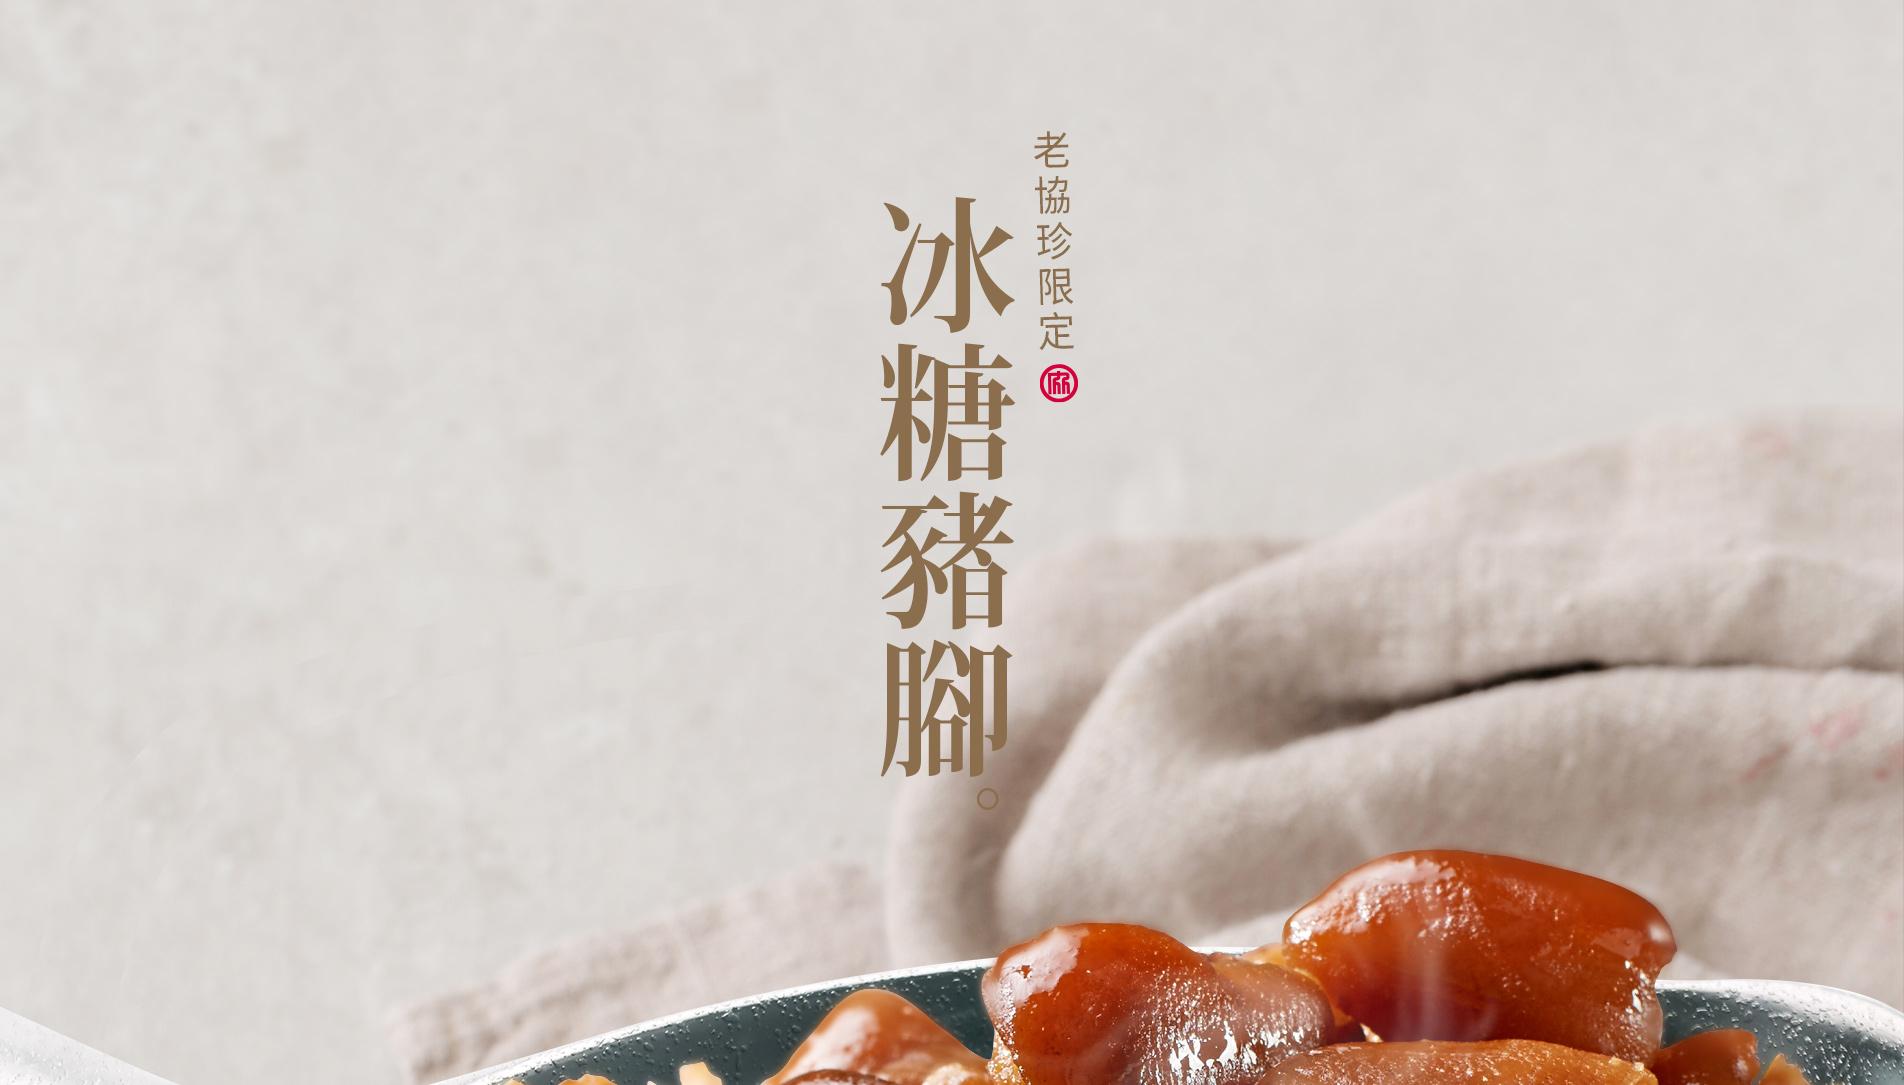 冰糖豬腳 - 老協珍 (臺灣)